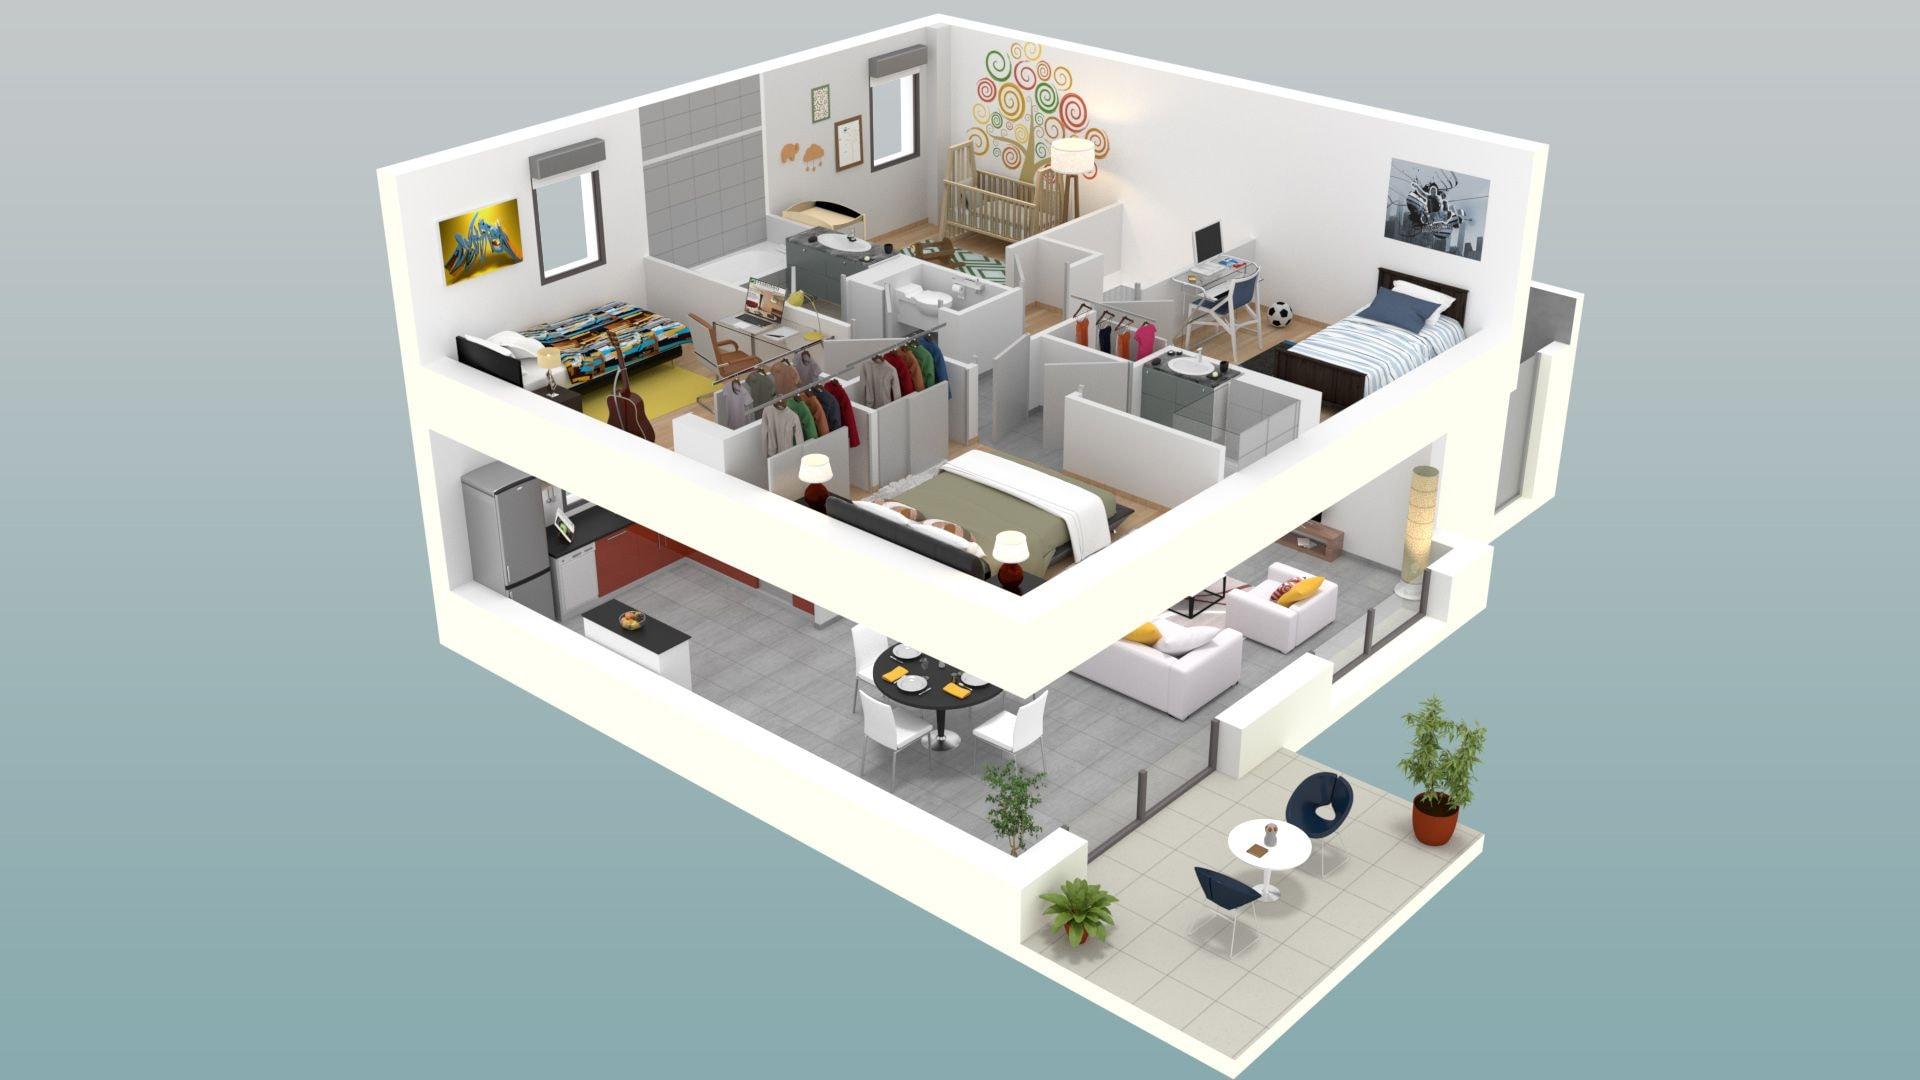 plan 3d chambre good sweet home d est un projet open source distribu sous licence gnu gpl with. Black Bedroom Furniture Sets. Home Design Ideas